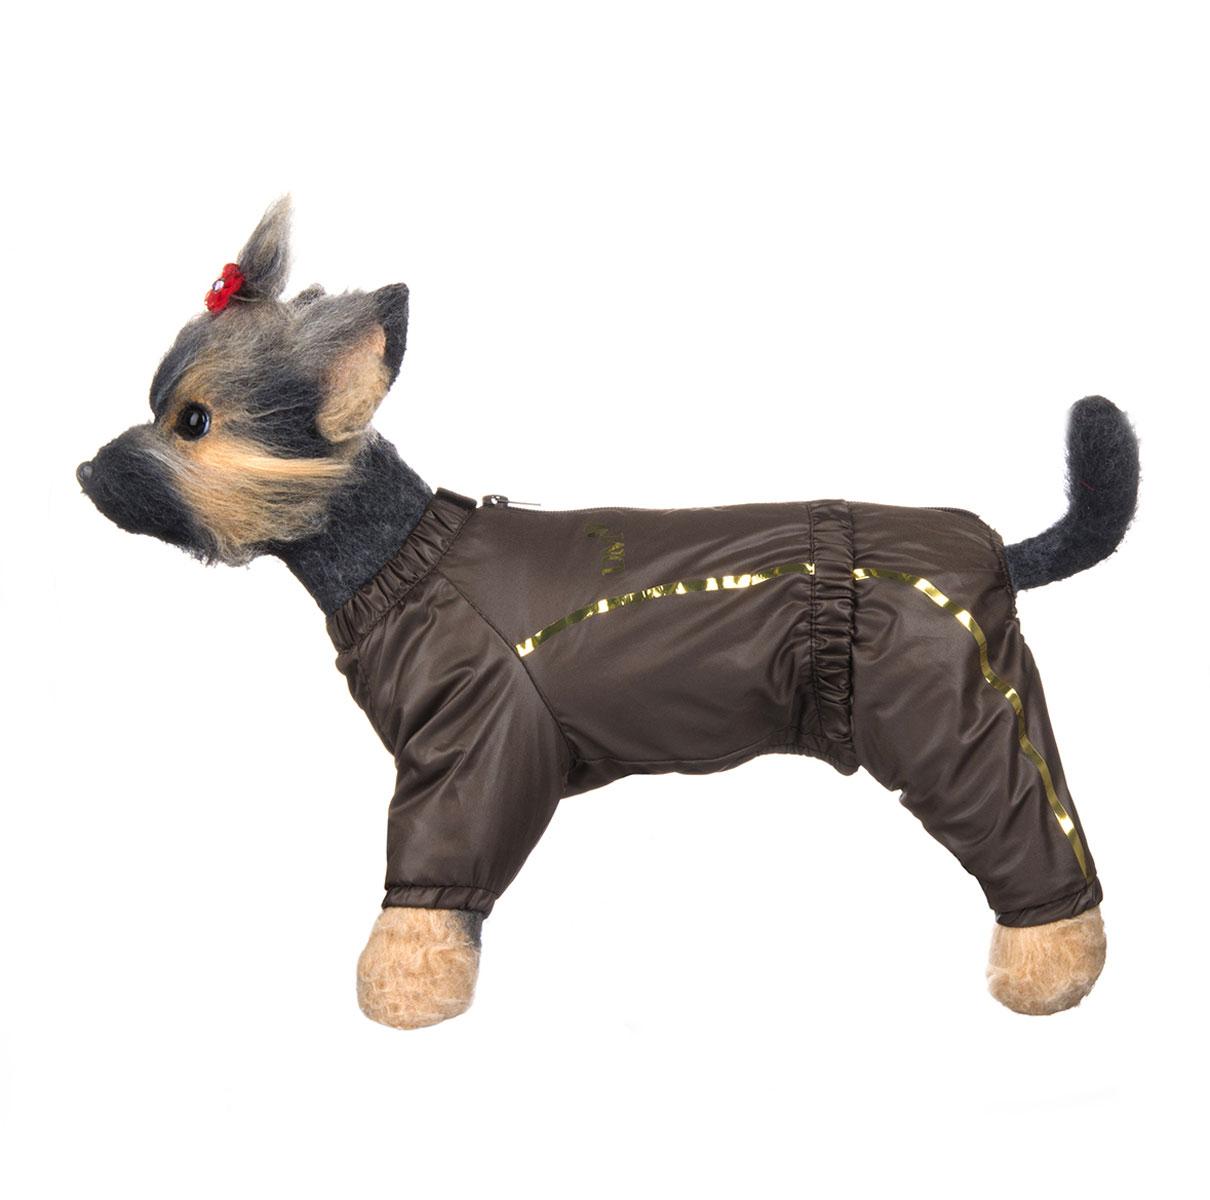 Комбинезон для собак Dogmoda Альпы, зимний, для мальчика, цвет: коричневый, бежевый. Размер 4 (XL)DM-150352-4Зимний комбинезон для собак Dogmoda Альпы отлично подойдет для прогулок в зимнее время года. Комбинезон изготовлен из полиэстера, защищающего от ветра и снега, с утеплителем из синтепона, который сохранит тепло даже в сильные морозы, а на подкладке используется искусственный мех, который обеспечивает отличный воздухообмен. Комбинезон застегивается на молнию и липучку, благодаря чему его легко надевать и снимать. Ворот, низ рукавов и брючин оснащены внутренними резинками, которые мягко обхватывают шею и лапки, не позволяя просачиваться холодному воздуху. На пояснице имеется внутренняя резинка. Изделие декорировано золотистыми полосками и надписью DM. Благодаря такому комбинезону простуда не грозит вашему питомцу и он сможет испытать не сравнимое удовольствие от снежных игр и забав.